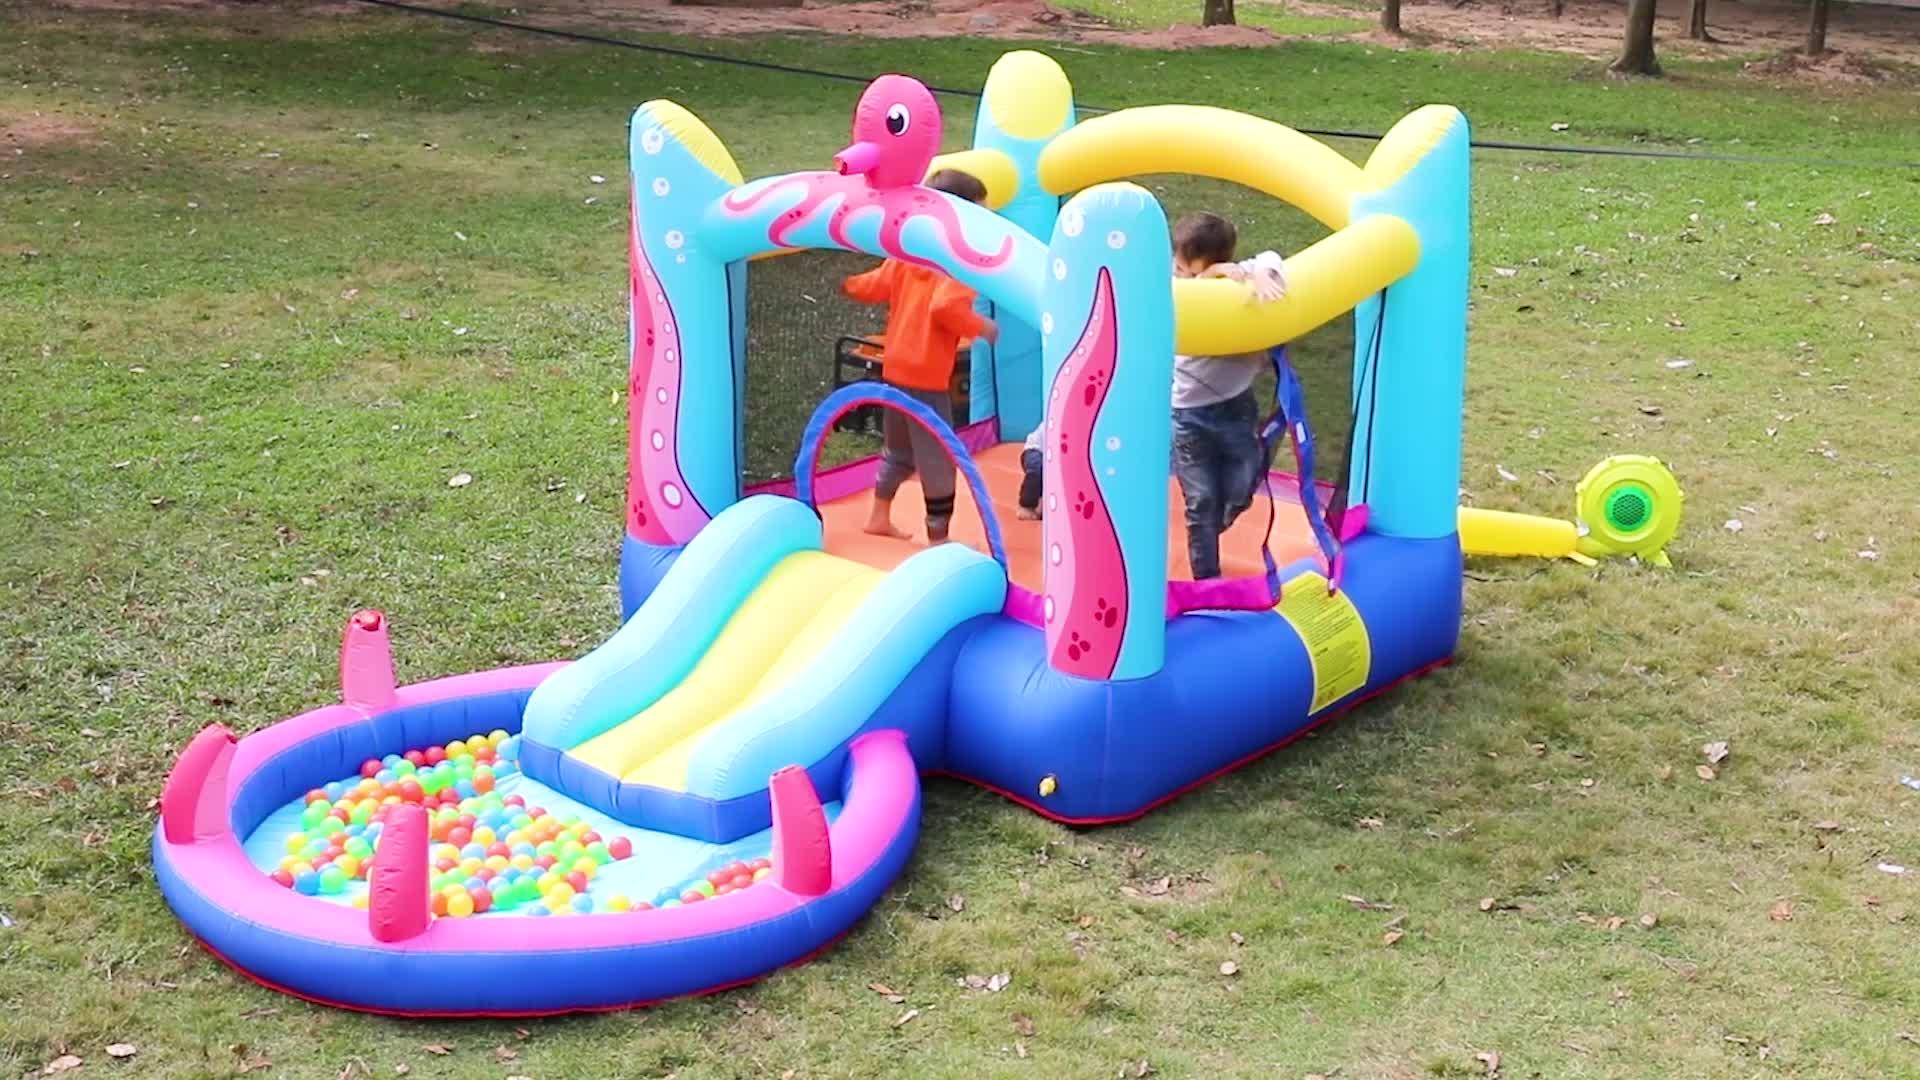 Nylon Aanpasbare Outdoor Opblaasbare Nip Slip Op EEN Pvc Materiaal Geprefabriceerde Bounce Huis Met Bal Pit Water Slide In Zwembad